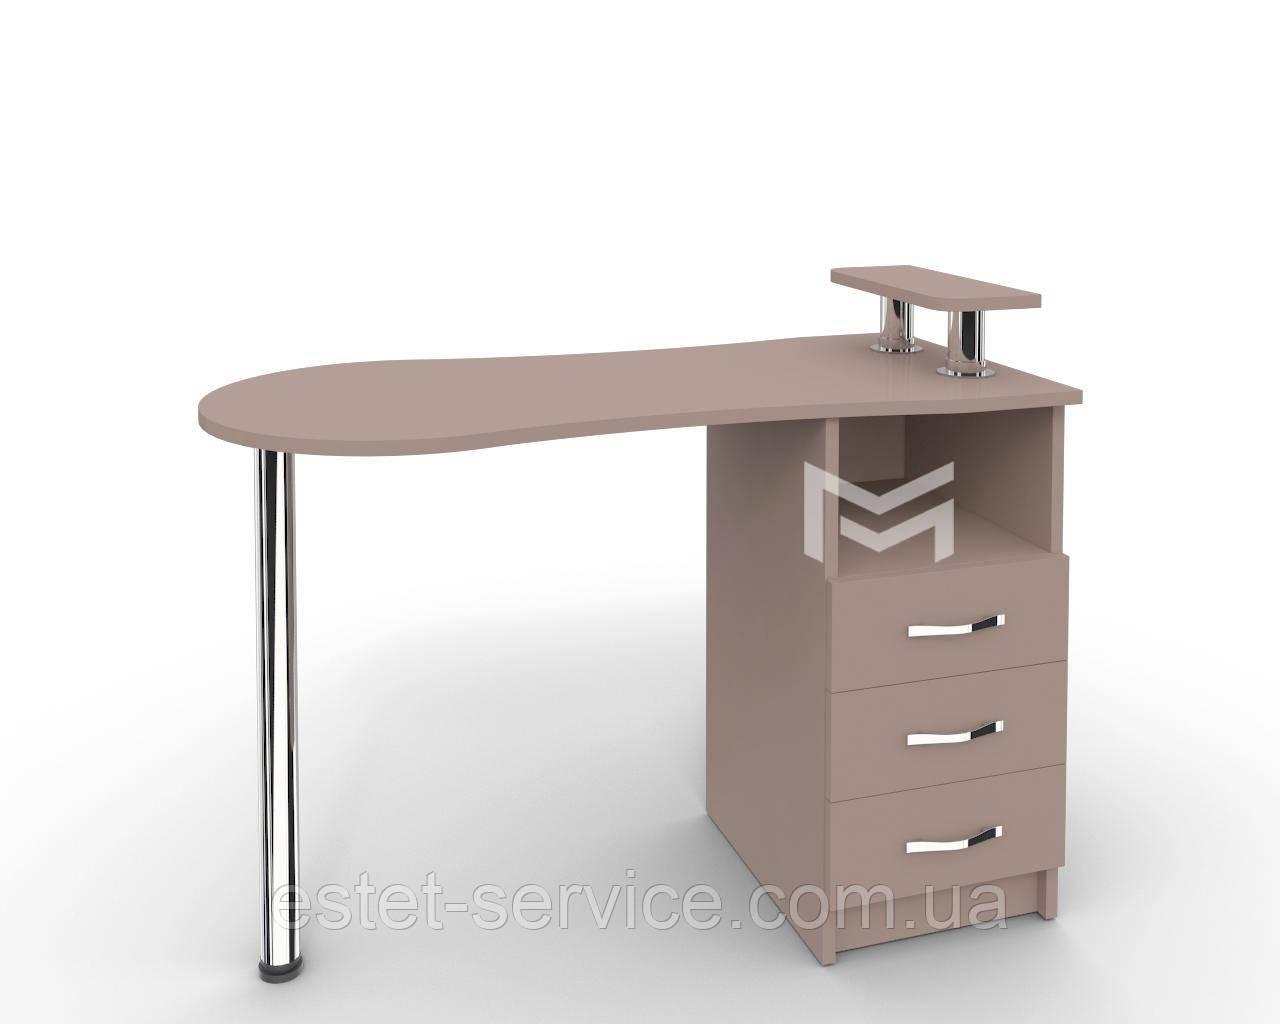 Профессиональные столы для маникюра Естет №2 ПОЛНОСТЬЮ В ЦВЕТЕ М102